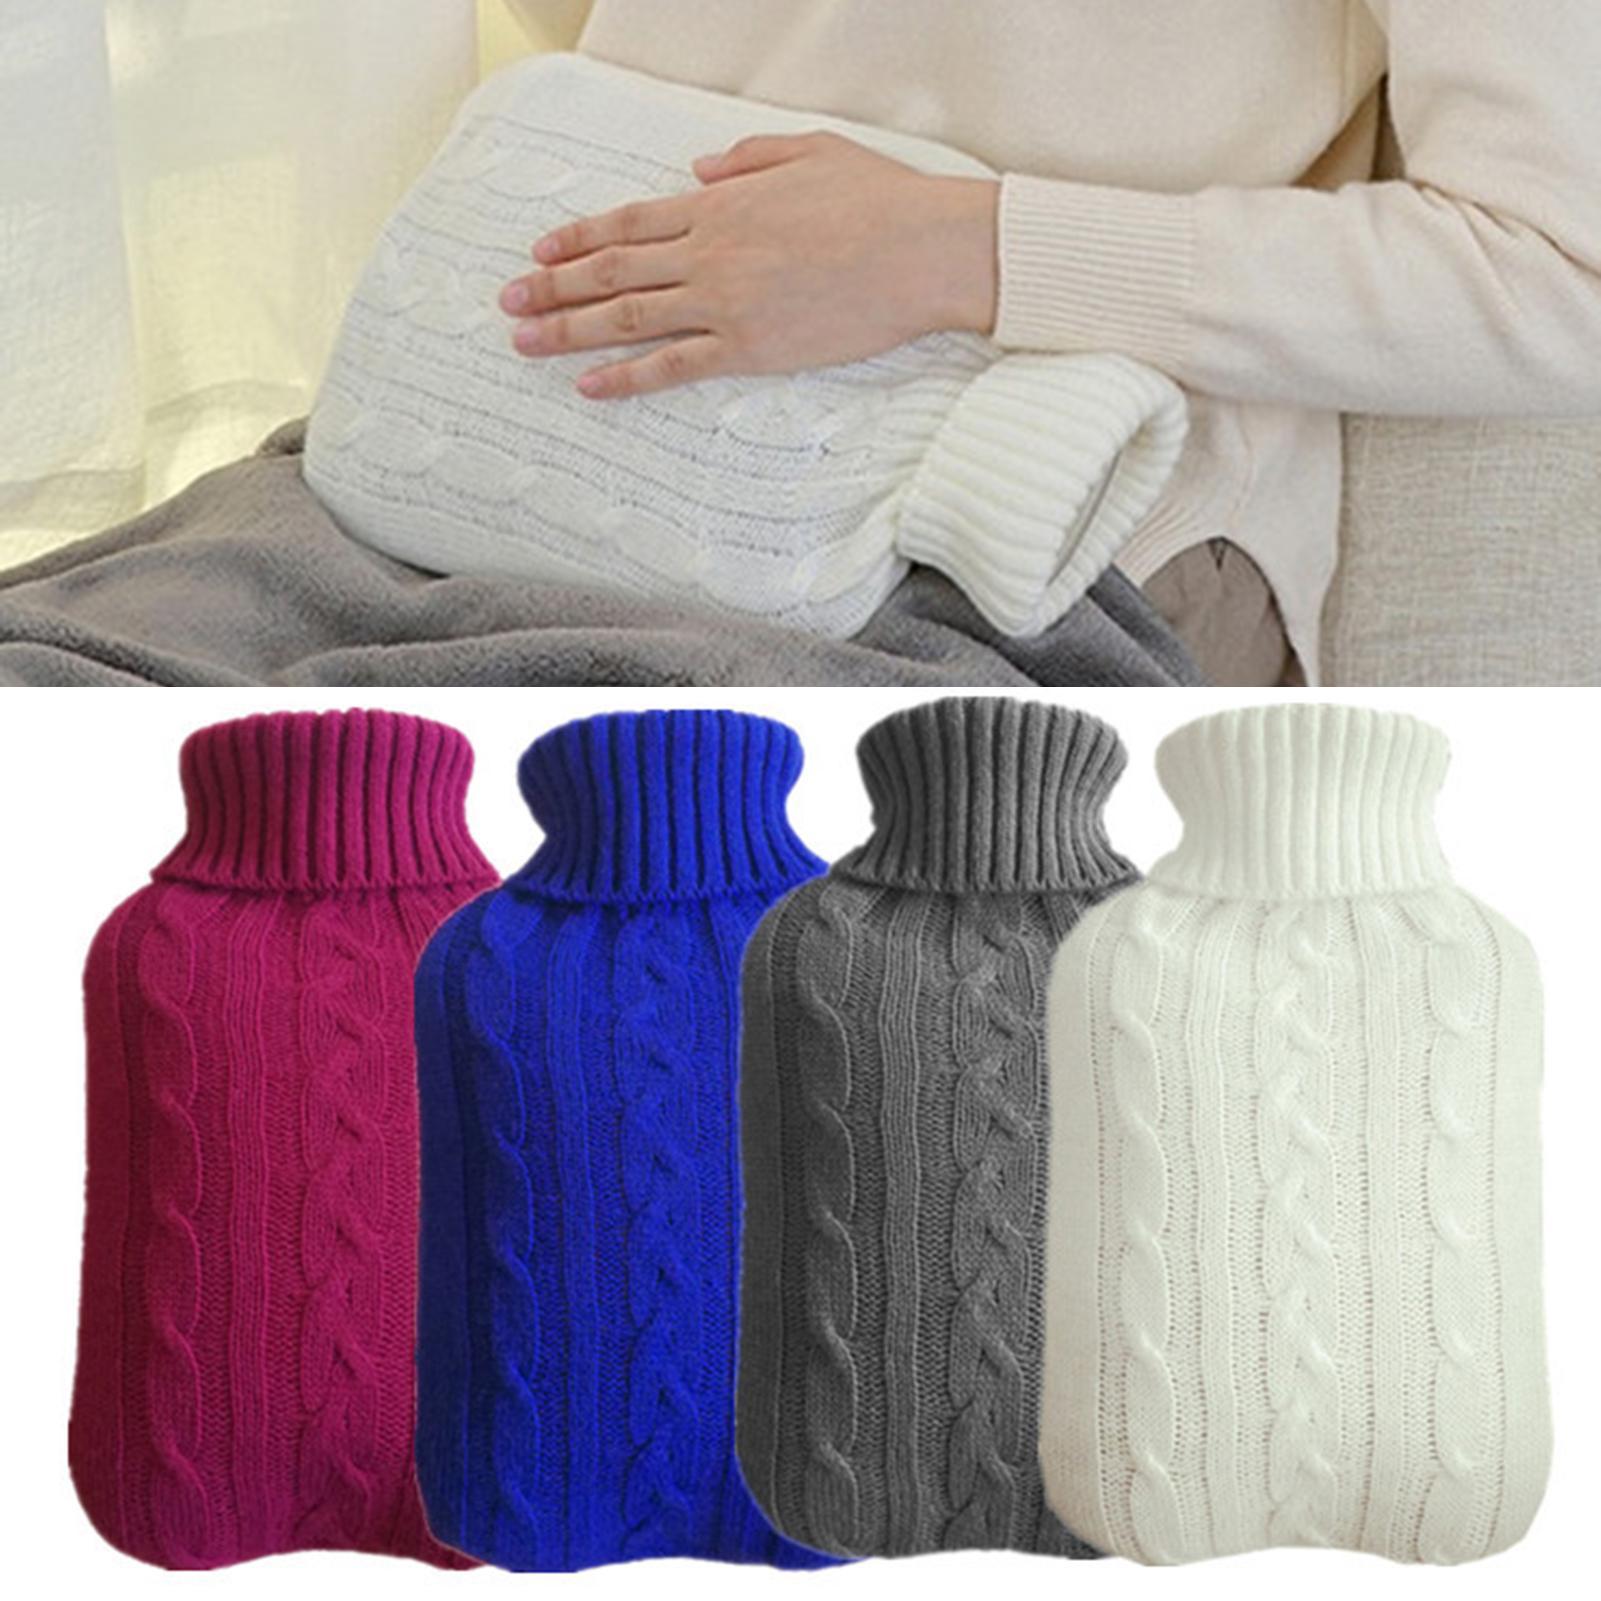 2000 мл акриловое волокно, бутылка для горячей воды, трикотажное покрытие, сплошной цвет, заполненный водой, сумка, тканевый чехол, теплый чехо...